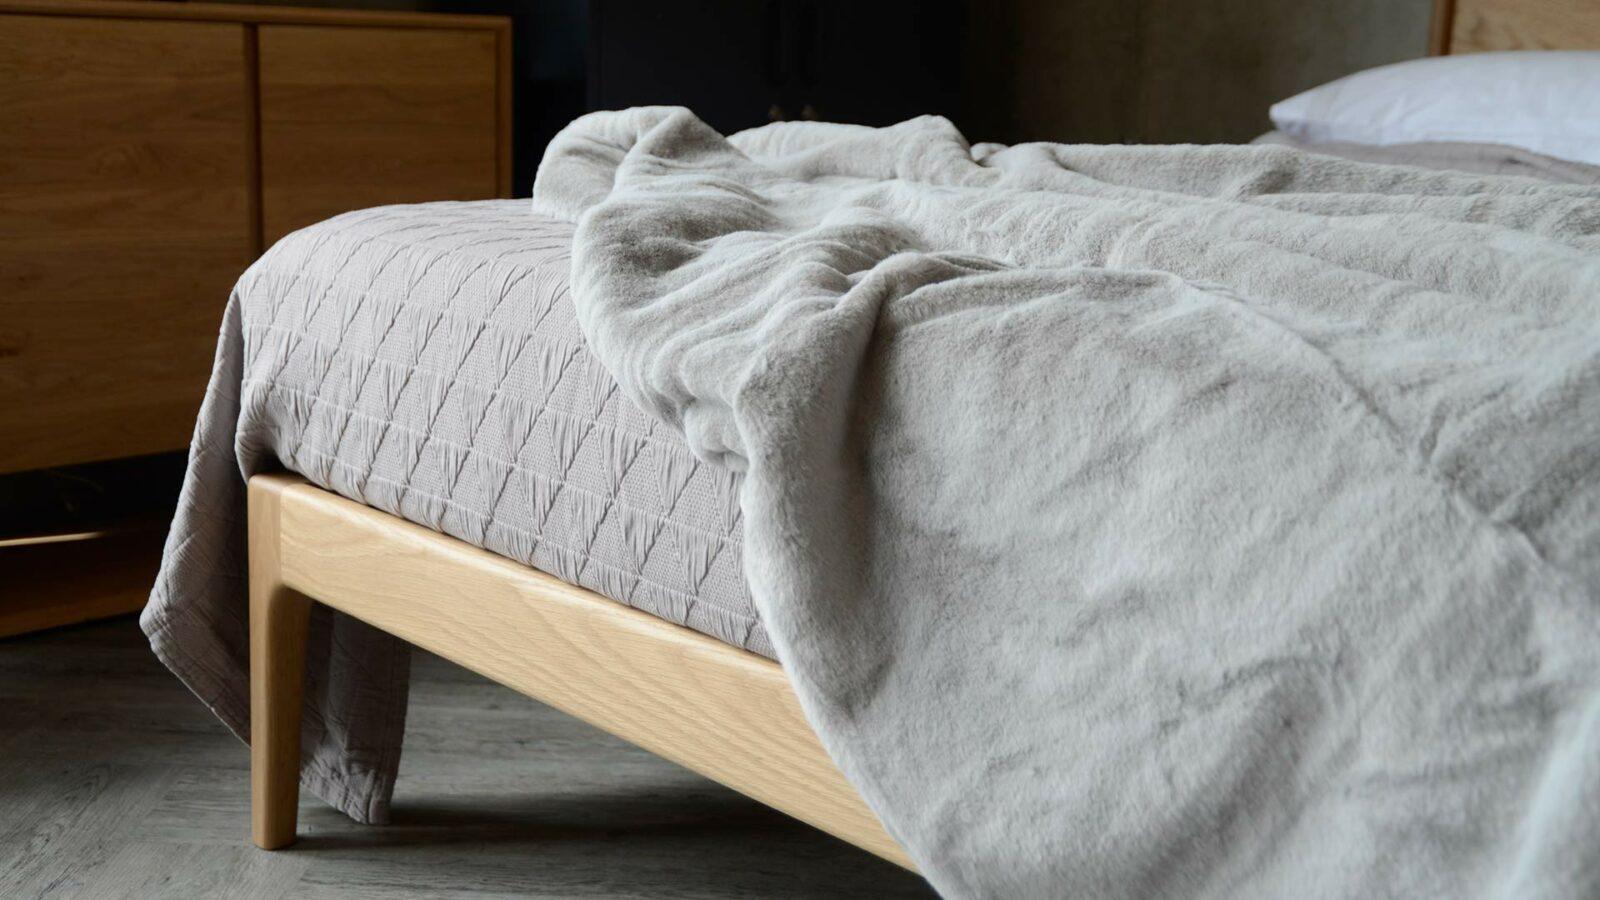 Silver grey faux fur bedspread